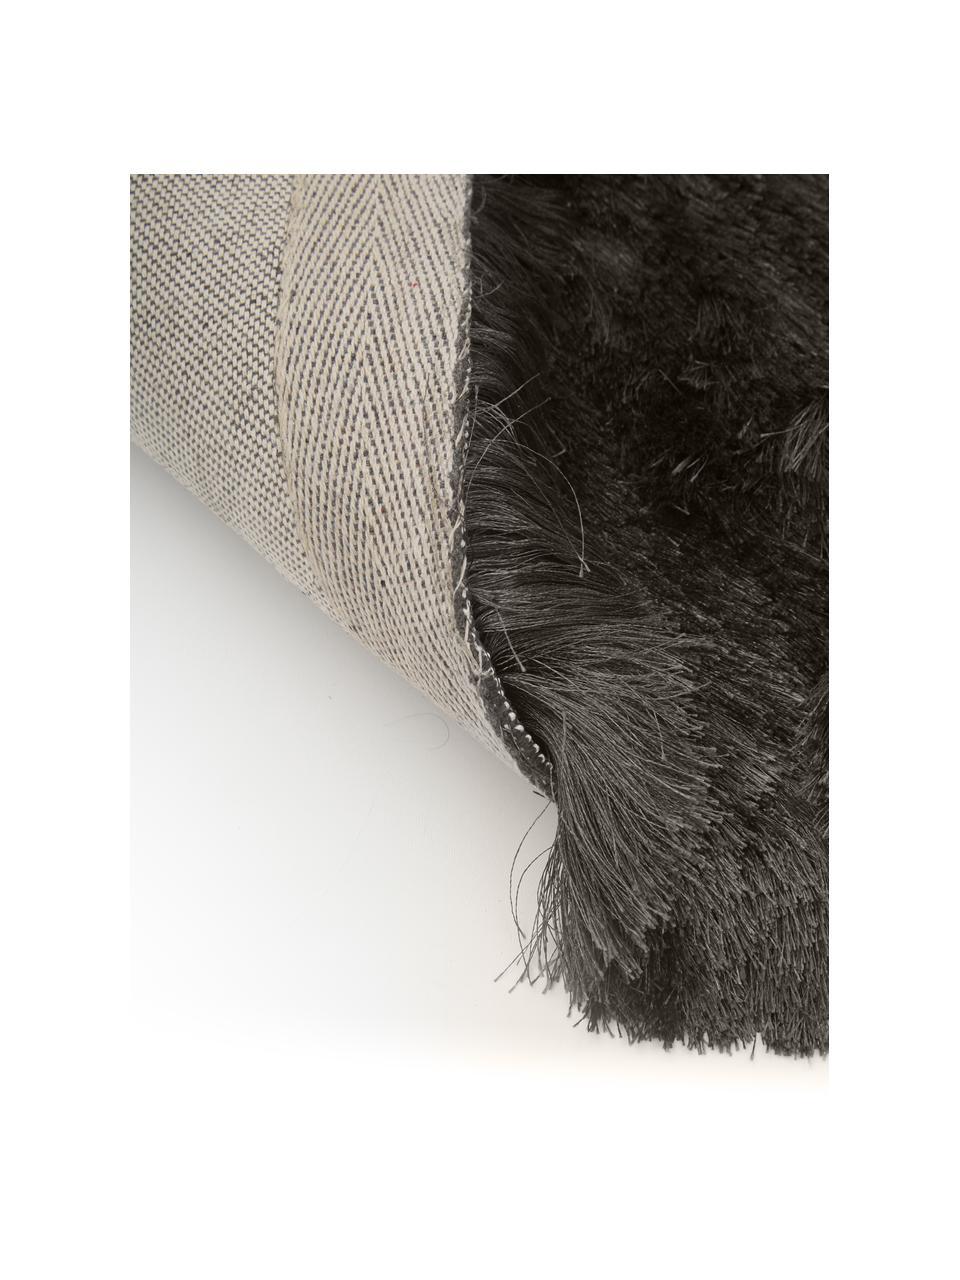 Glänzender Hochflor-Teppich Jimmy in Dunkelgrau, rund, Flor: 100% Polyester, Dunkelgrau, Ø 200 cm (Größe L)